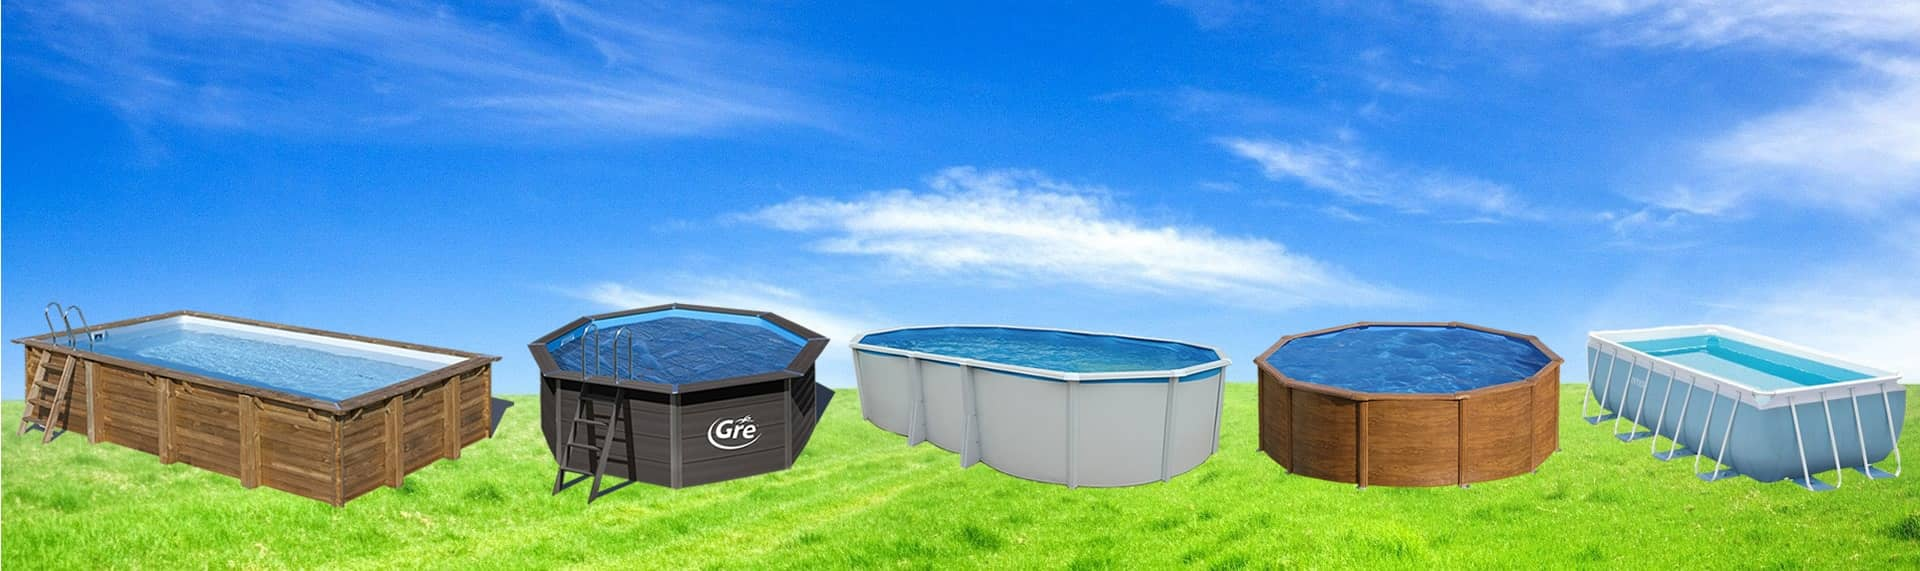 Piscine Hors Sol Portugal piscine hors-sol   magasin piscines online